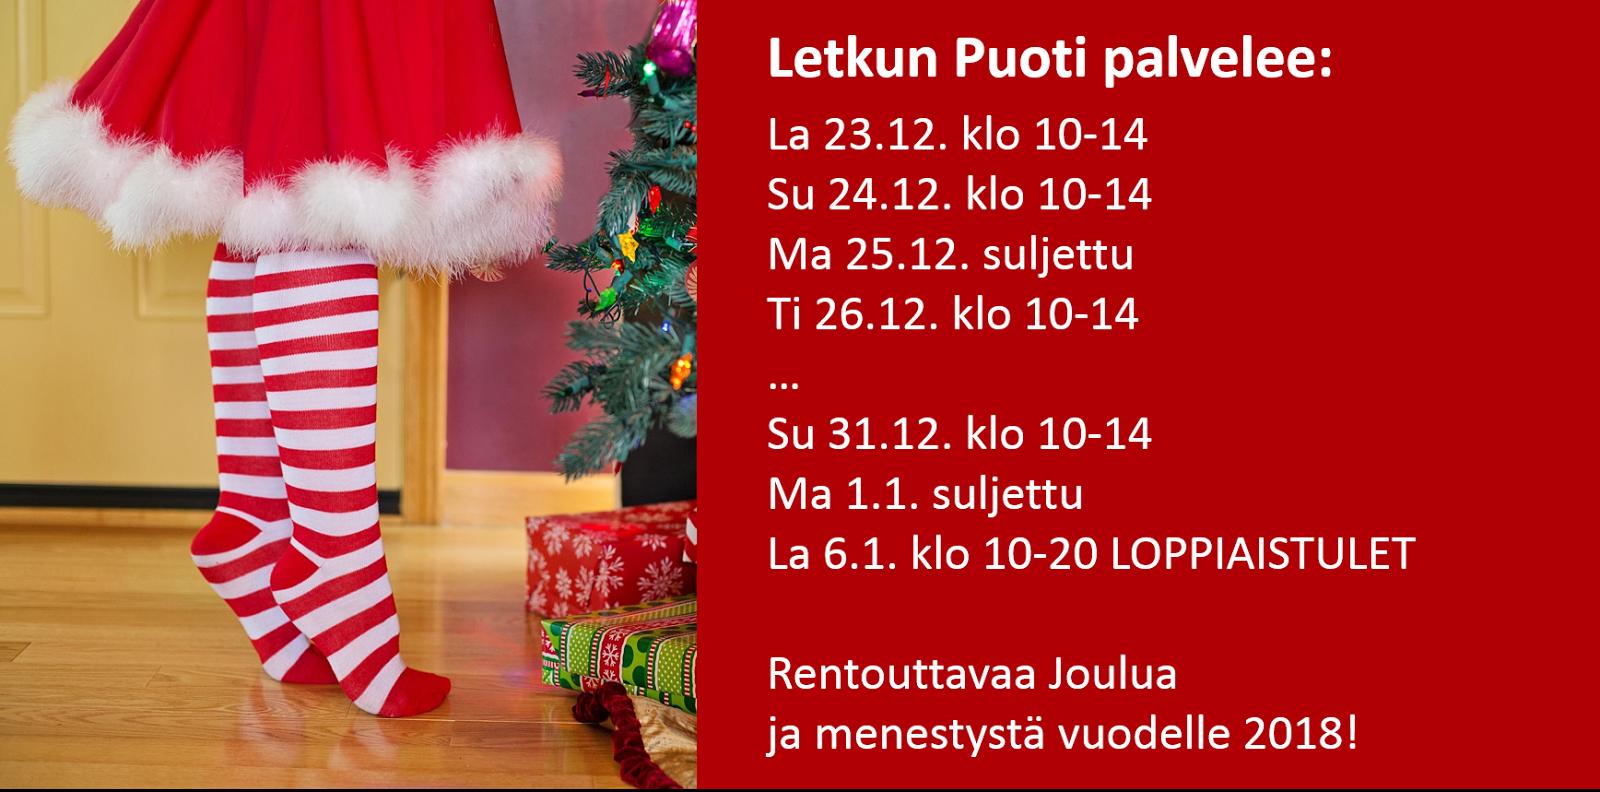 joulu 2018 aukioloajat Letkun Puoti: Puodin poikkeavat aukioloajat Joulun ja uuden vuoden  joulu 2018 aukioloajat